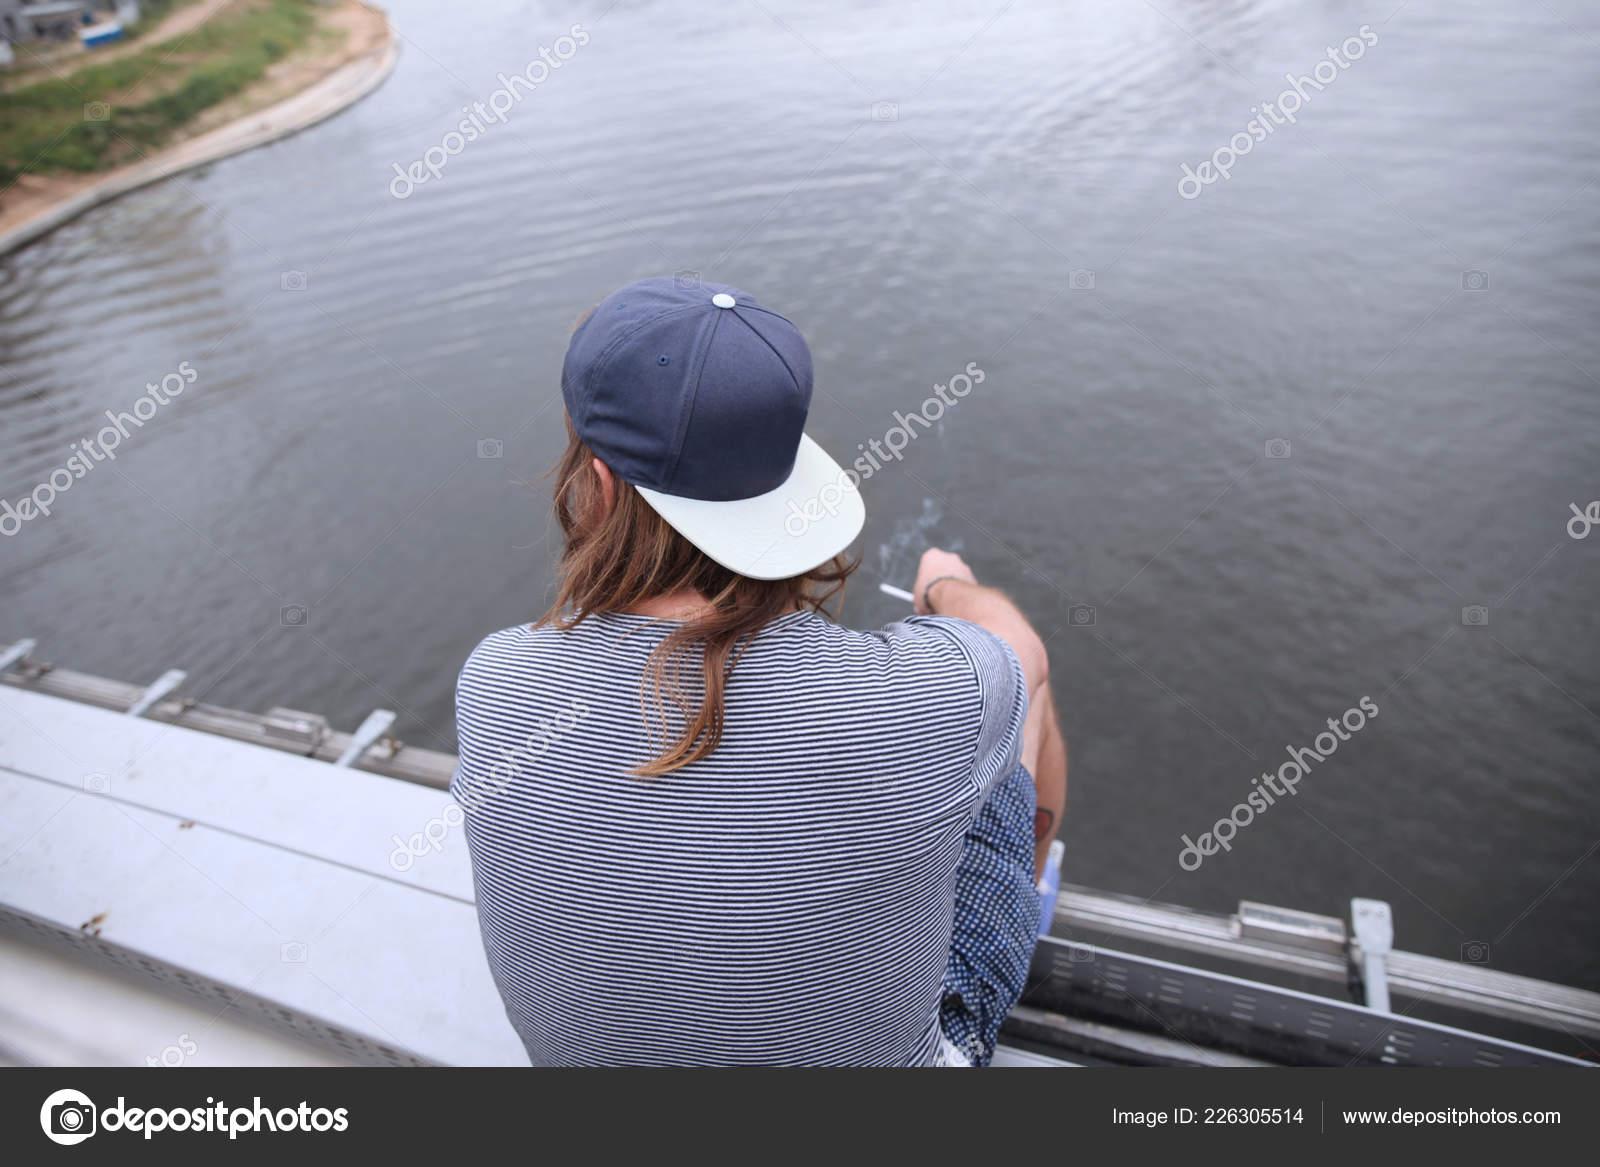 Muž kouří a sedí s jeho zády v baseballové čepici na okraji mostu ve výšce  nad řekou. Moskva. 27.07.2018– Stock Editorial Fotografie aa3189175b